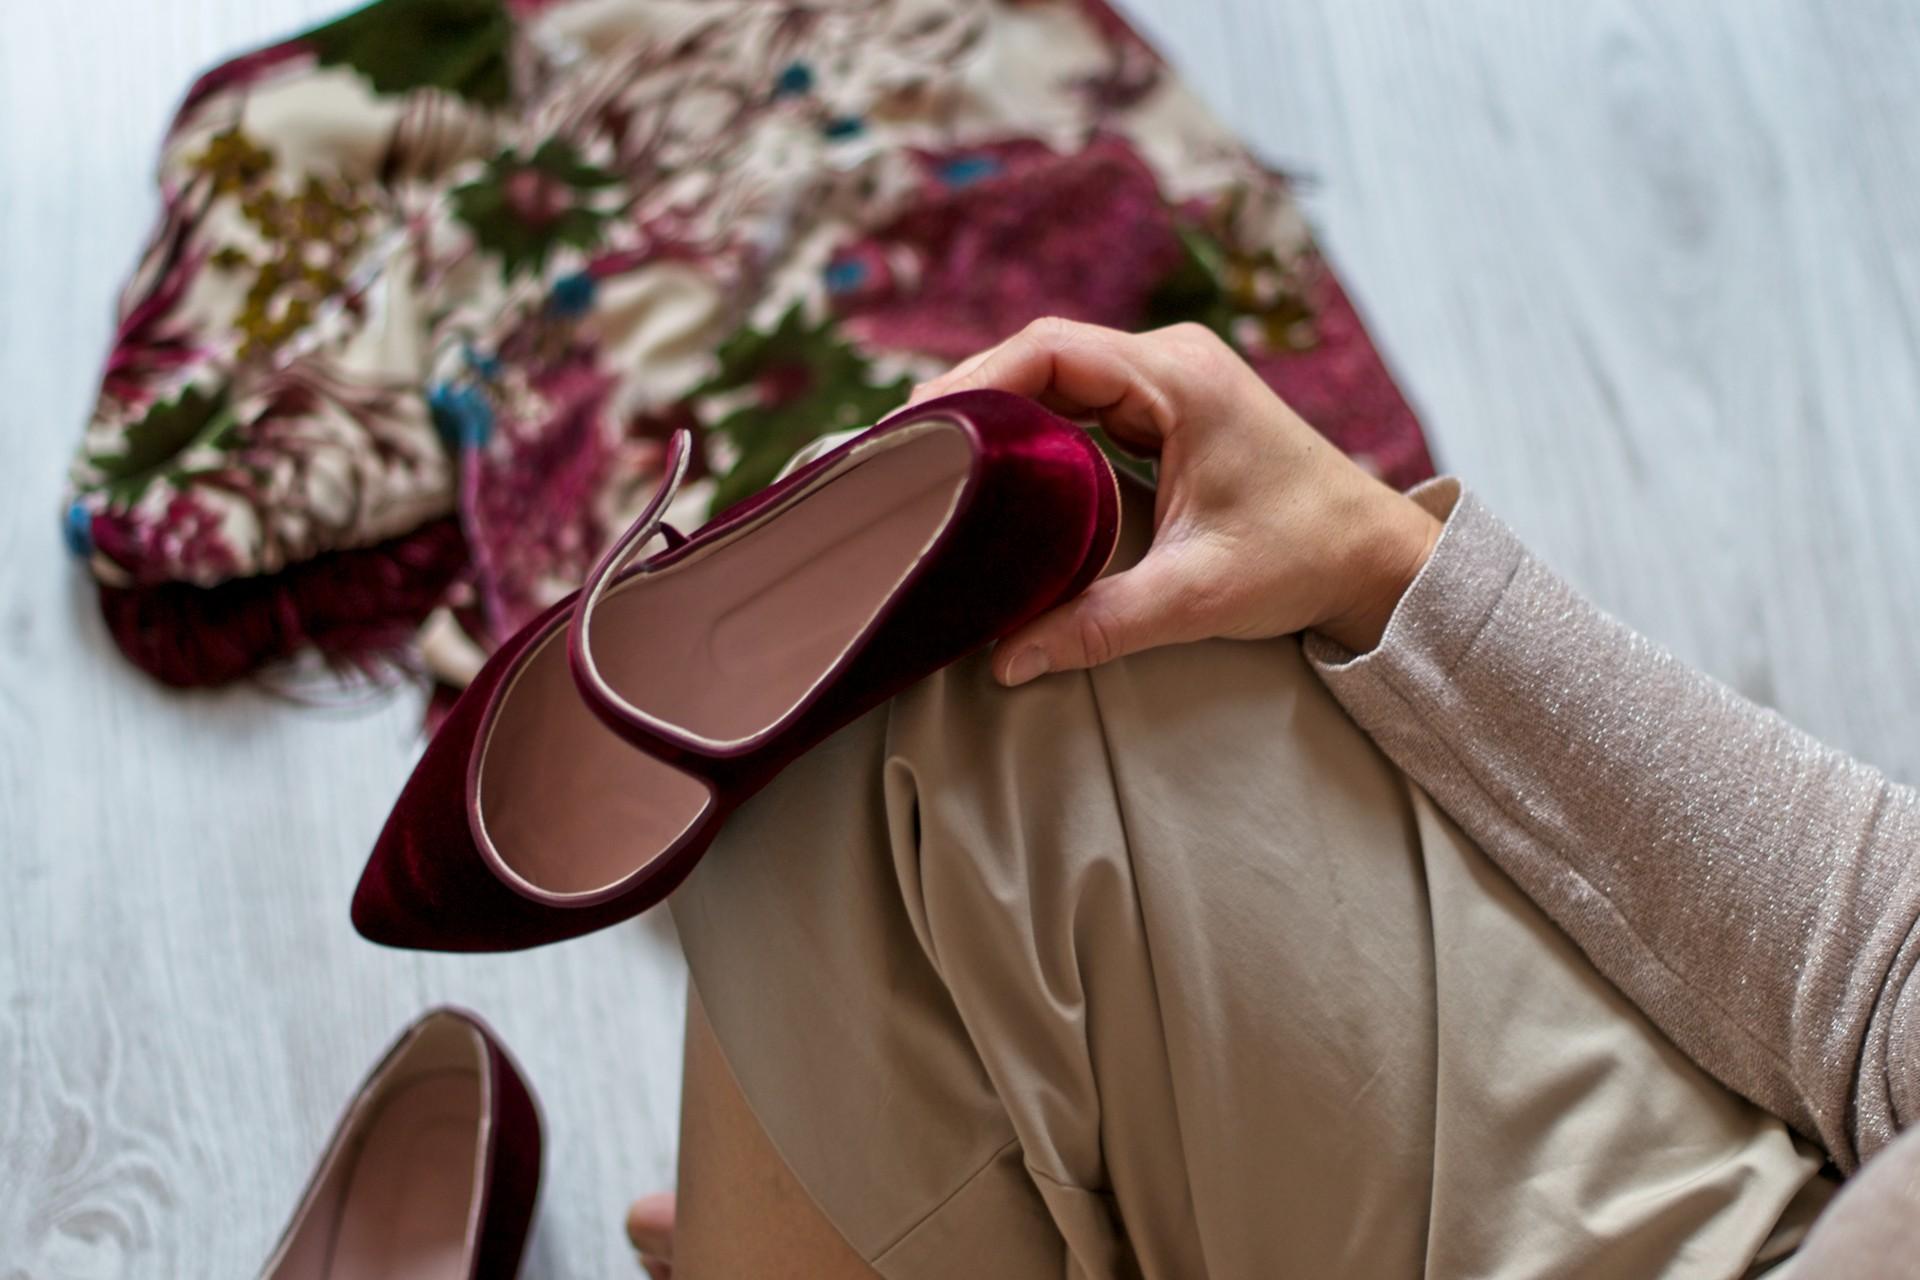 La fundadora de Bohemian, Eva Veiga, sostiene sentada sobre su rodilla una una Mercedita Audrey en terciopelo burdeos de Bohemian Shoes